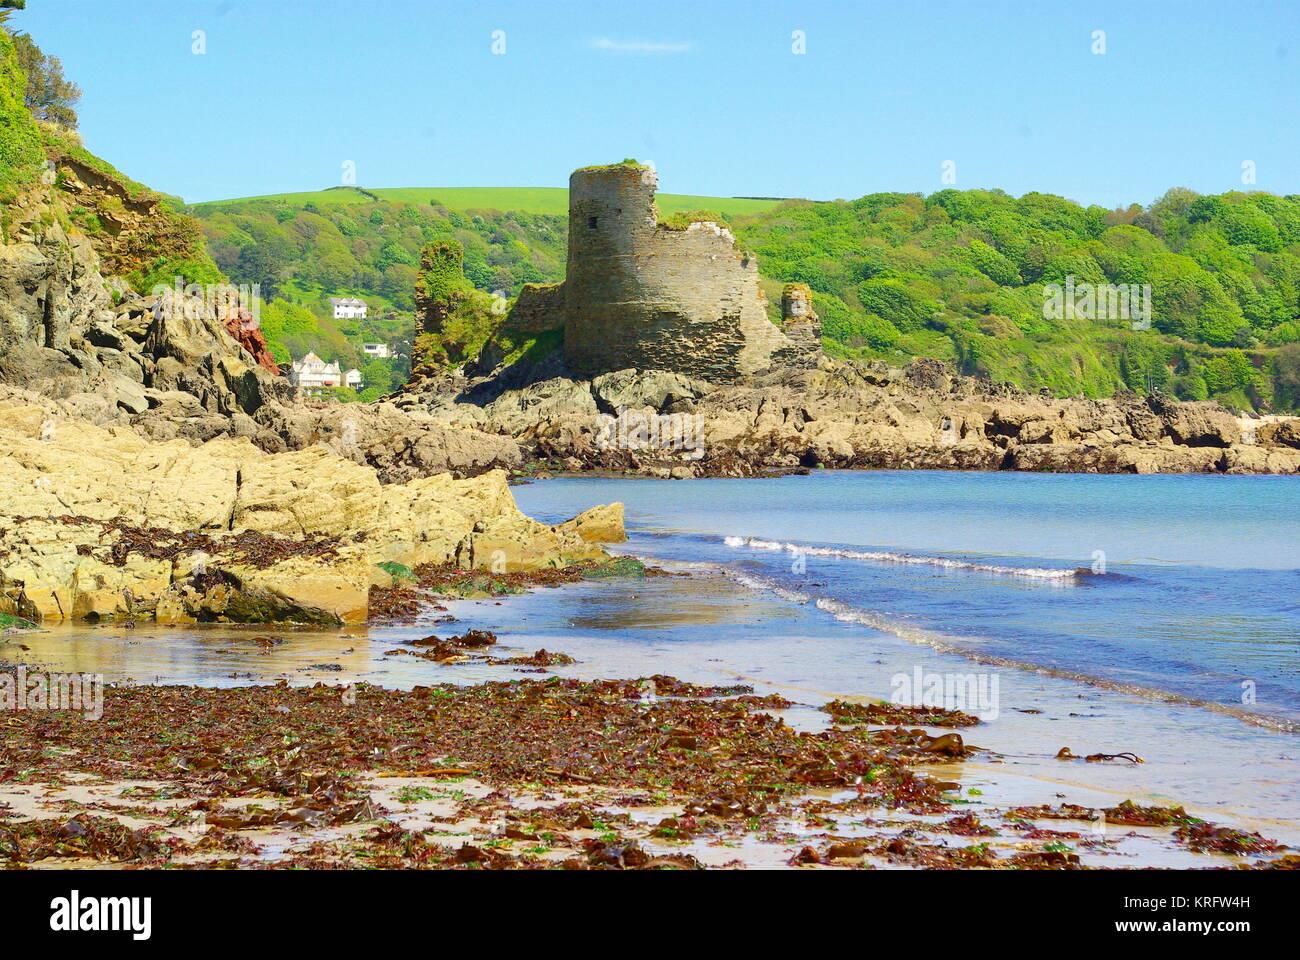 Salcombe château fort Charles, près de l'exploitation des sables bitumineux du nord, Salcombe, Devon. Photo Stock